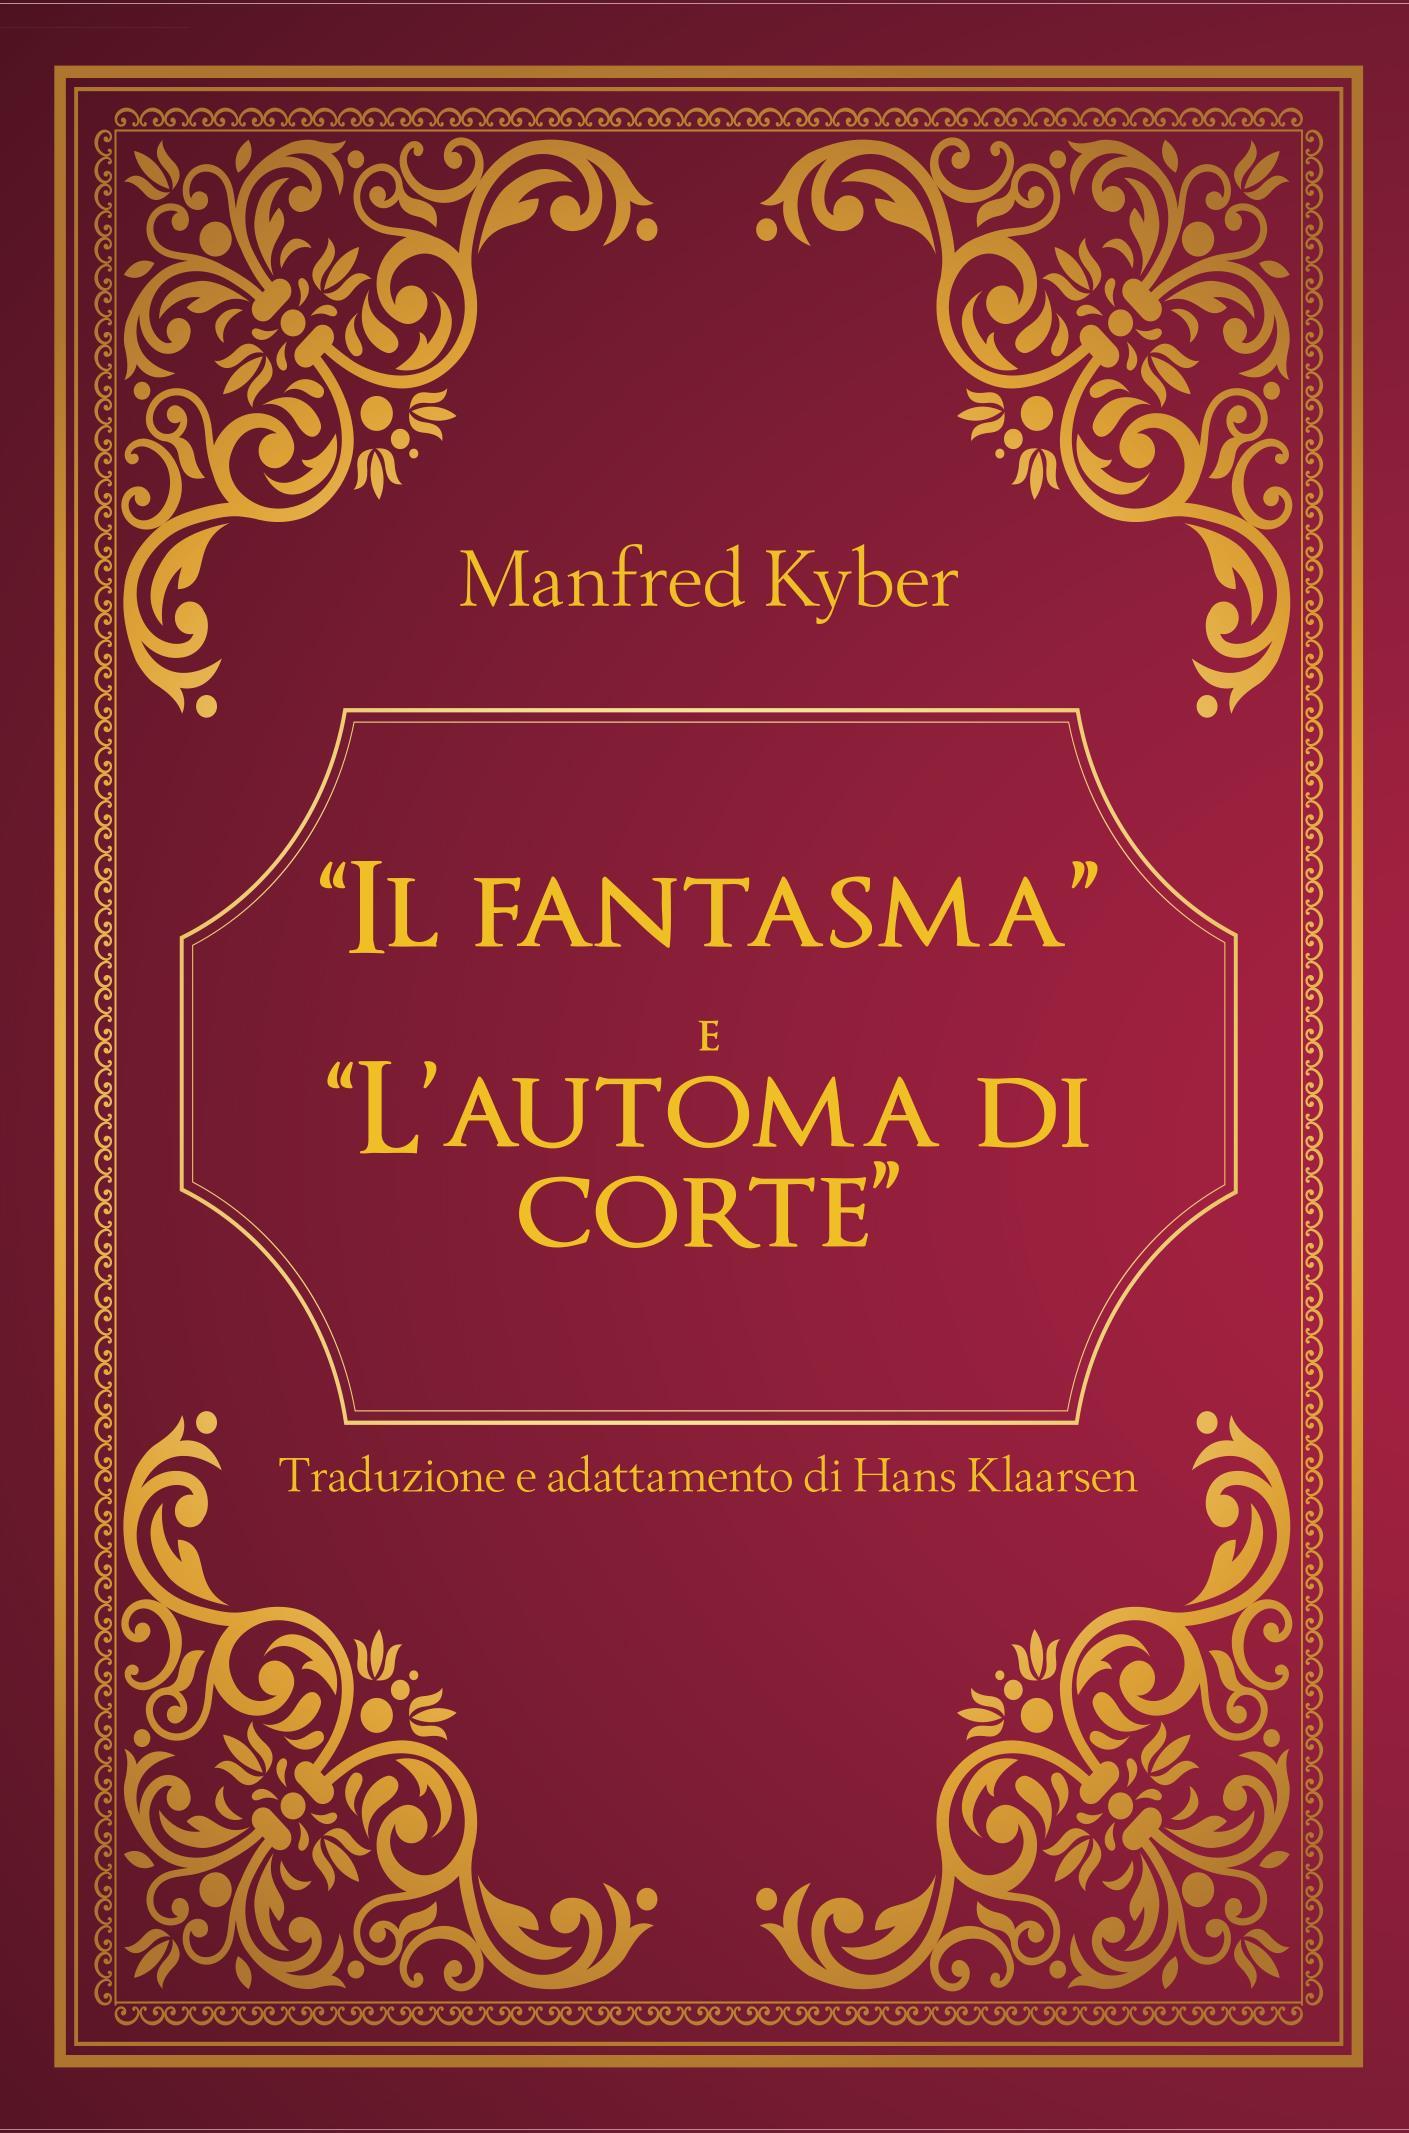 """""""Il fantasma"""" e """"L' automa di corte"""" di Manfred Kyber - Traduzione e adattamento di Hans Klaarsen"""